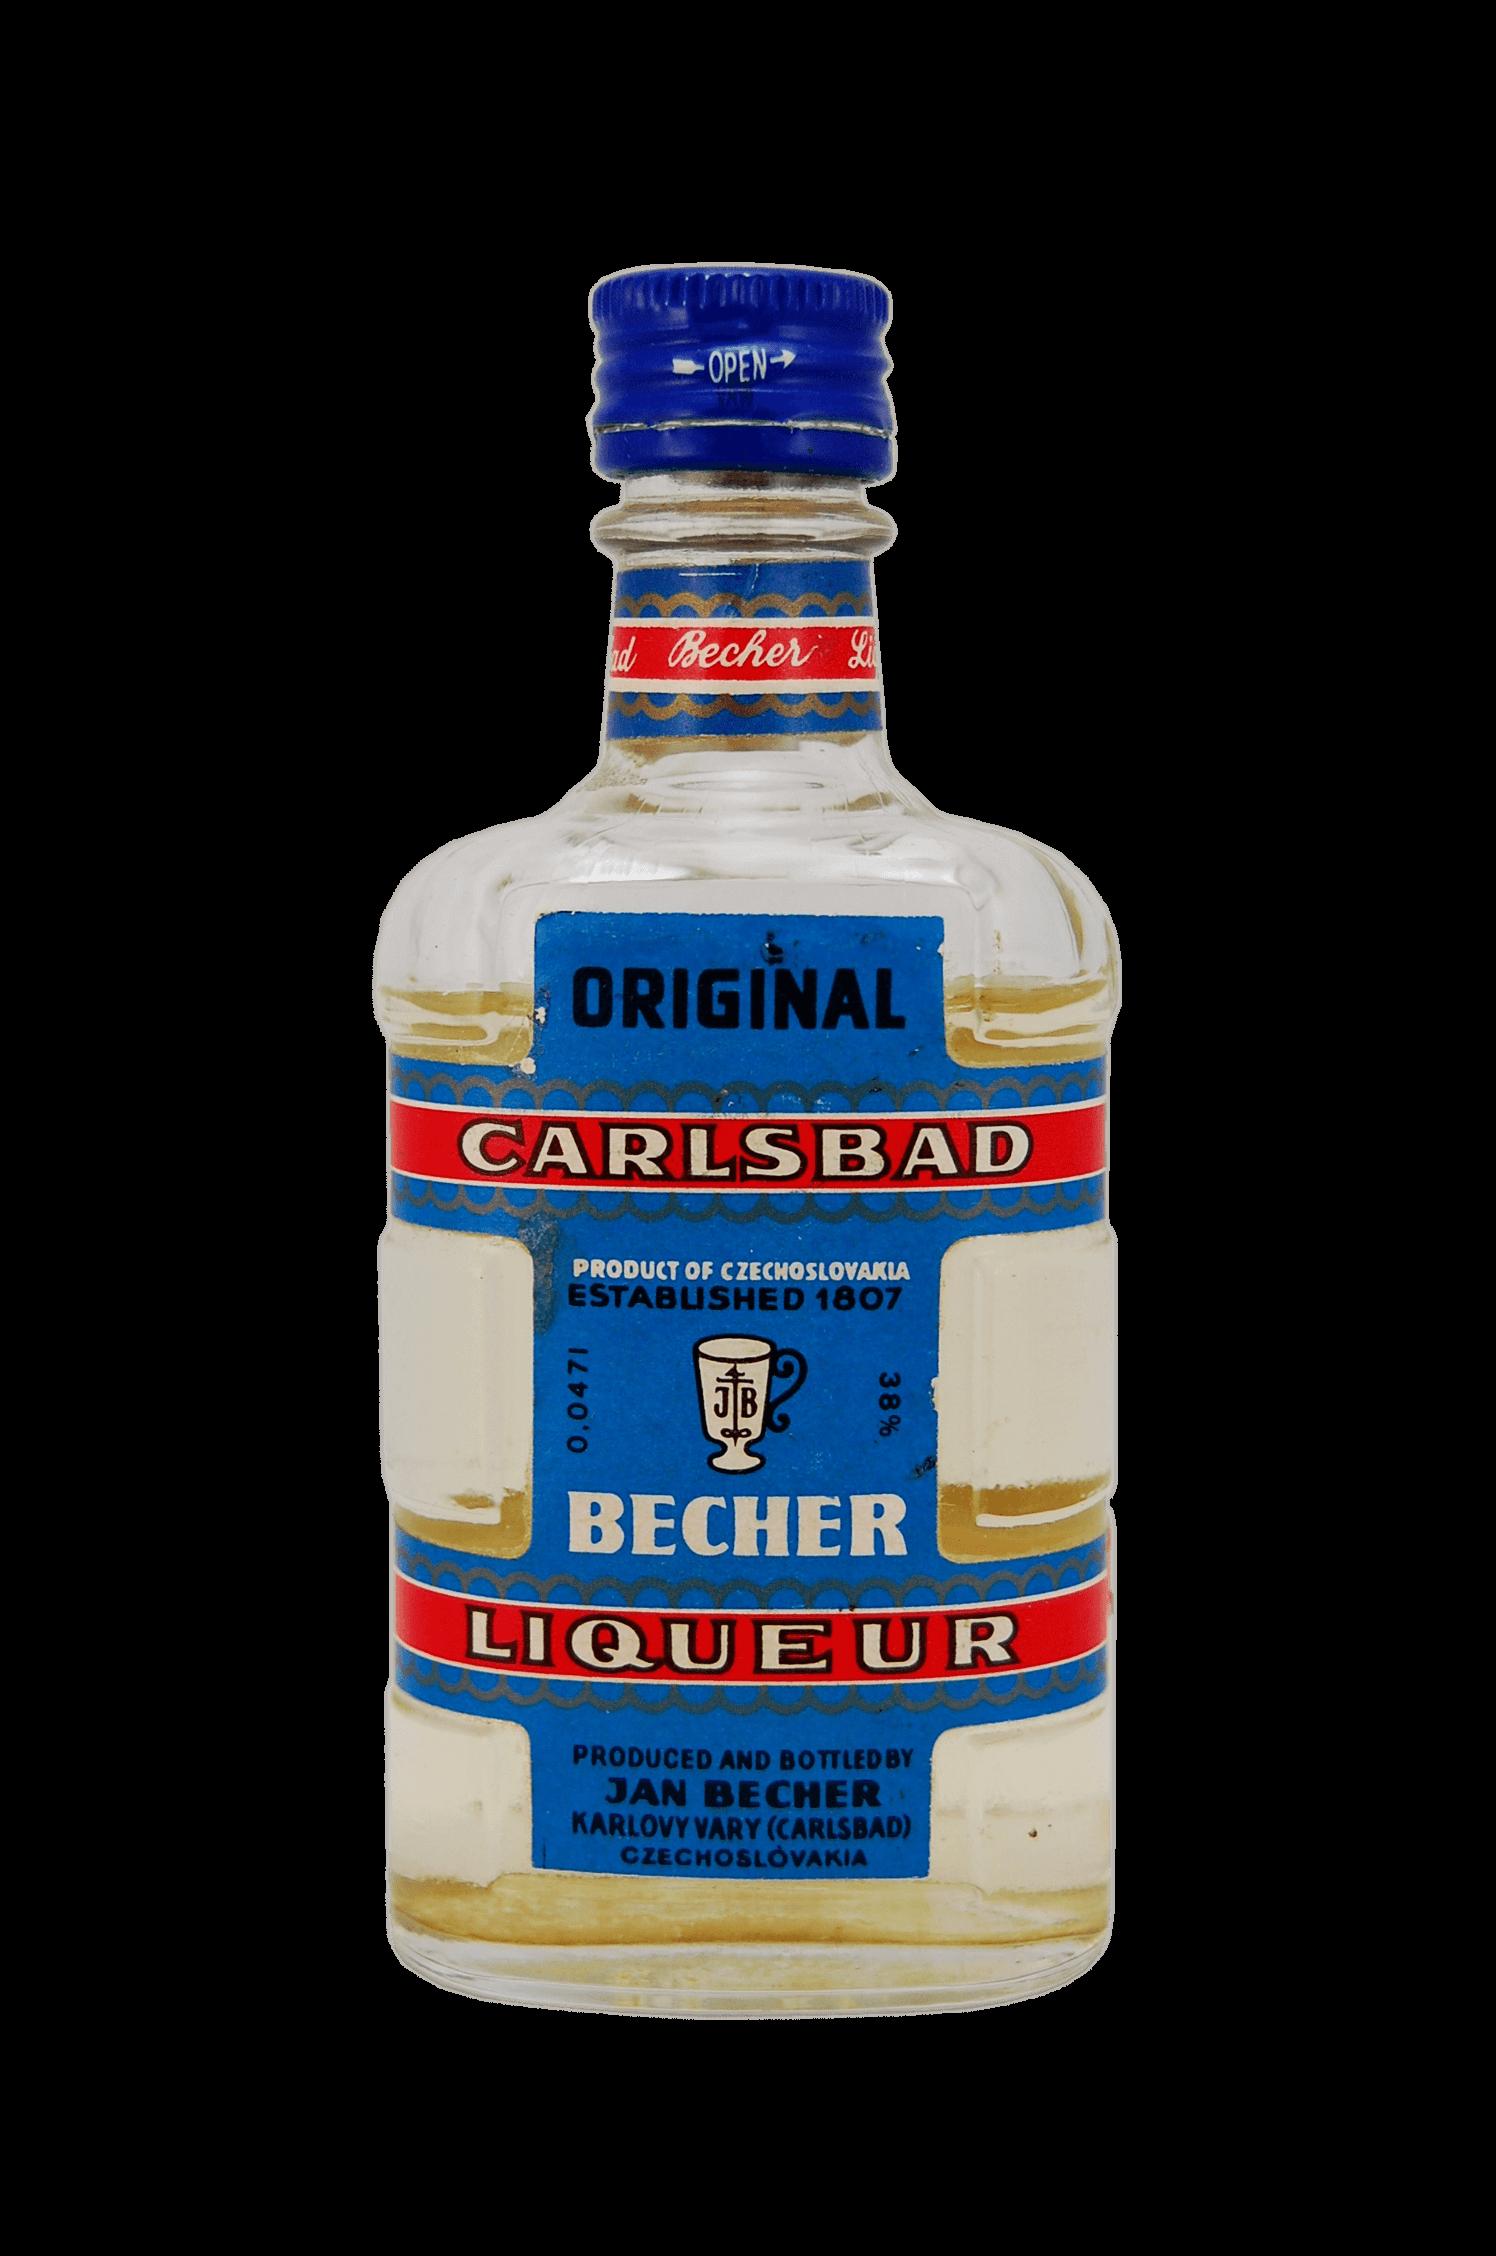 Becher Liqueur